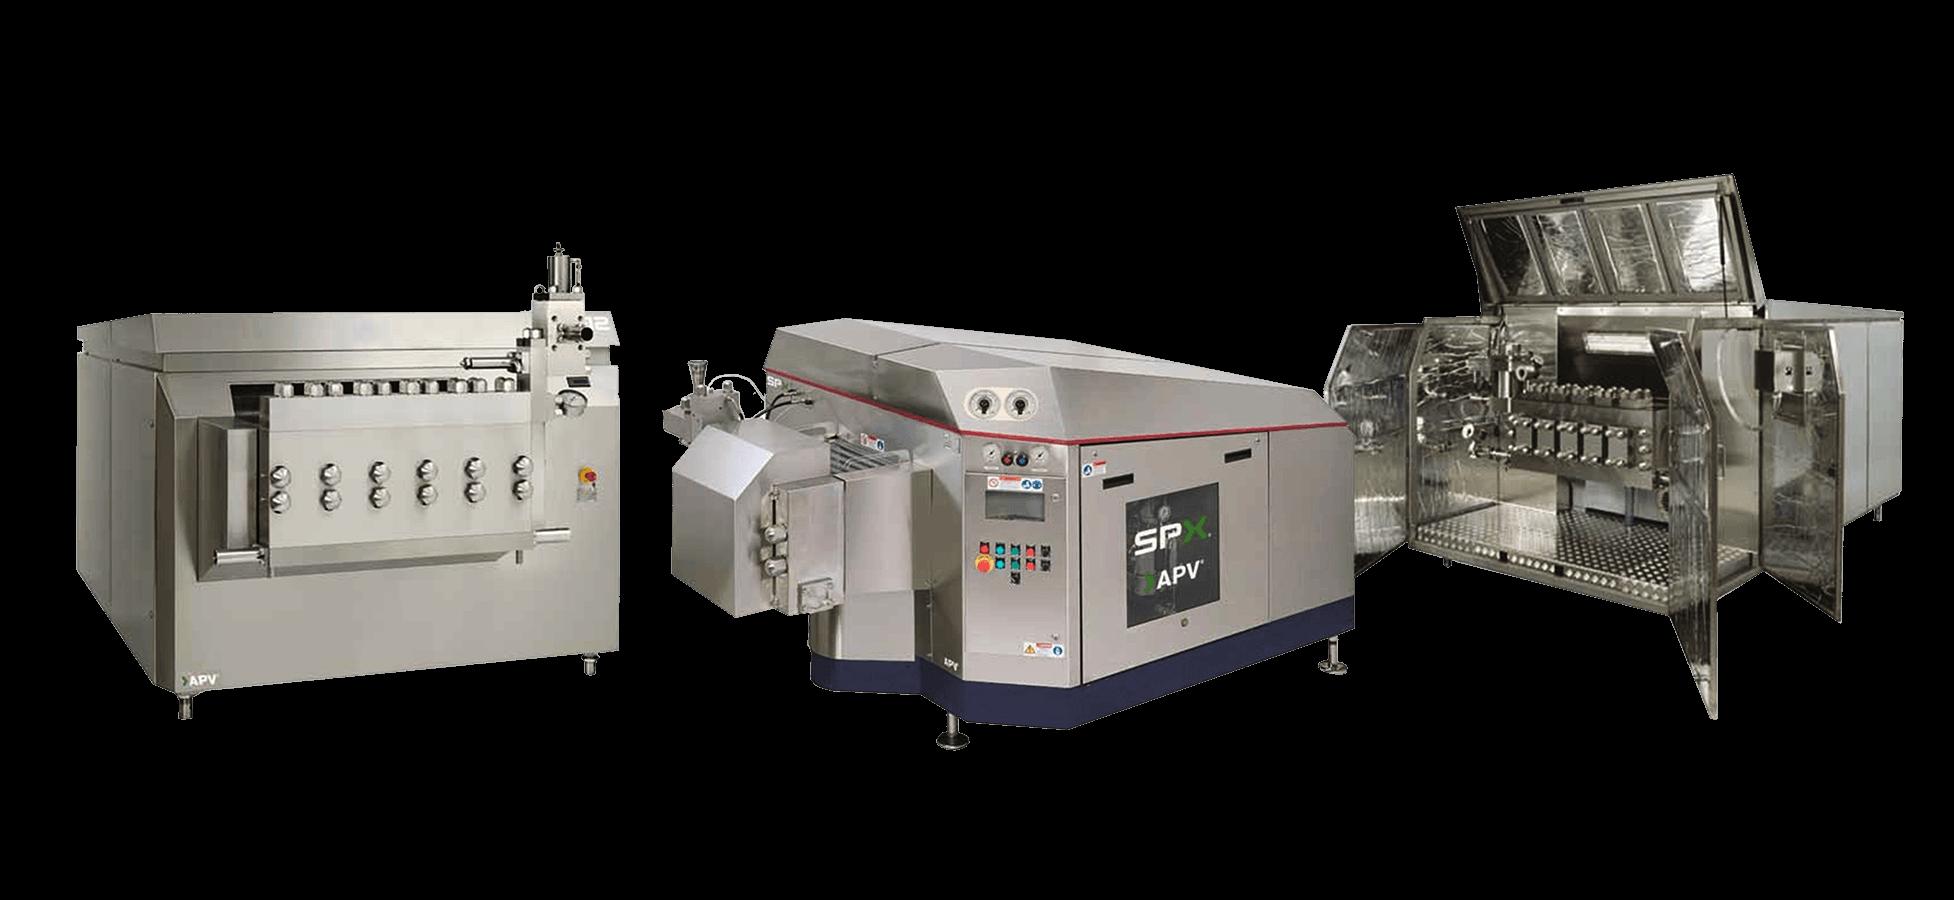 SPX FLOW Homogenizer | APEQ Process